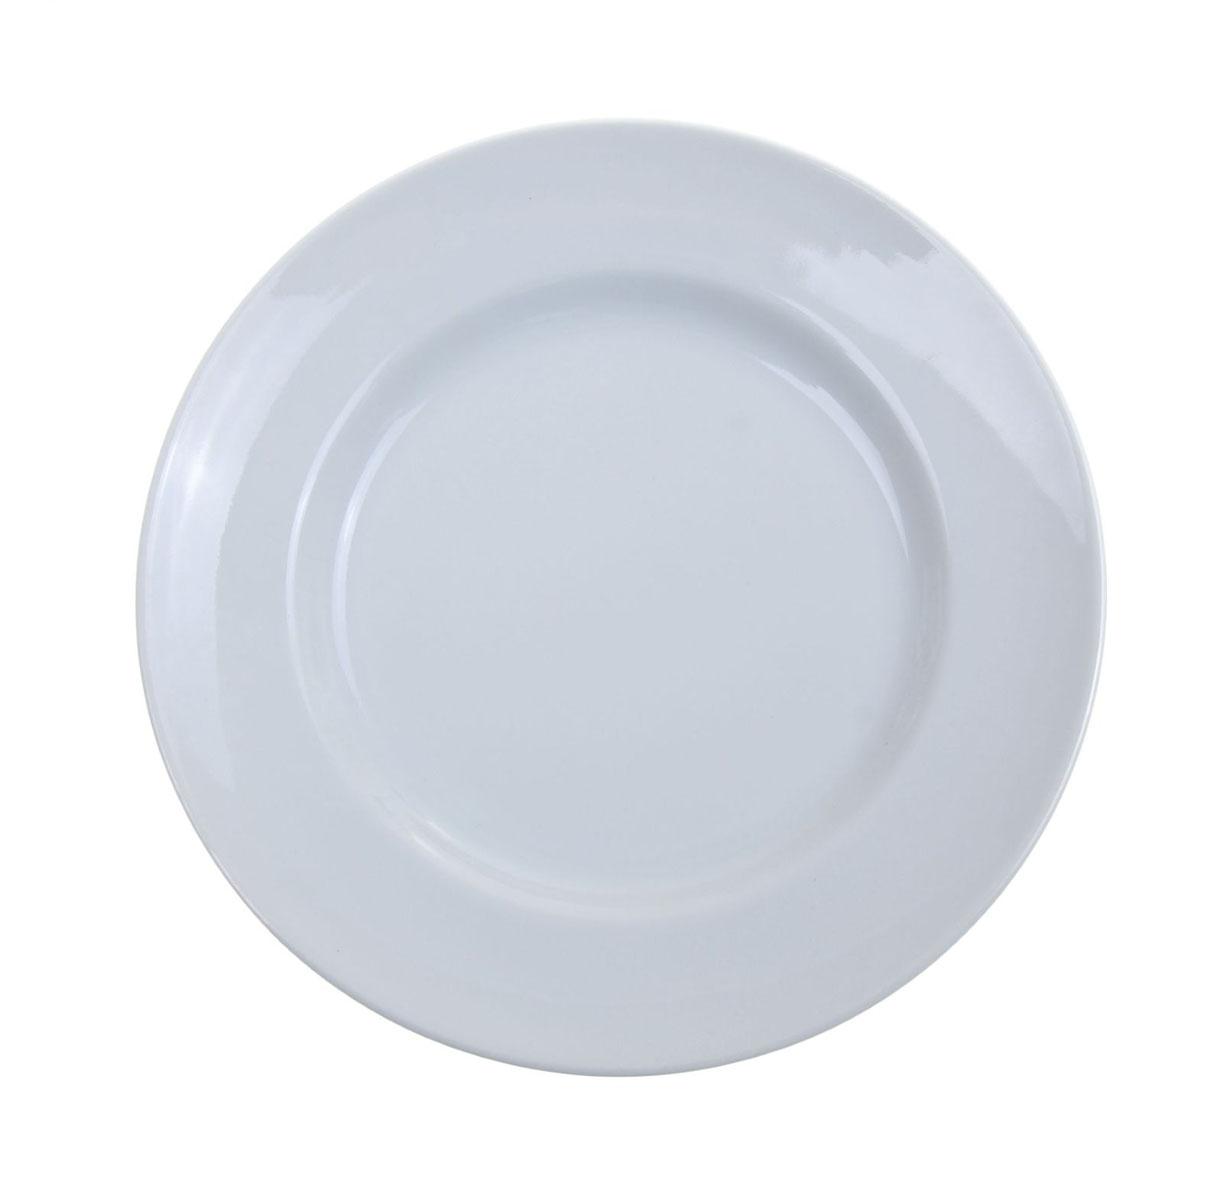 Тарелка мелкая Идиллия. Белье, диаметр 20 см1063080Мелкая тарелка Идиллия. Белье выполнена из высококачественного фарфора. Она прекрасно впишется в интерьер вашей кухни и станет достойным дополнением к кухонному инвентарю. Тарелка Идиллия. Белье подчеркнет прекрасный вкус хозяйки и станет отличным подарком. Диаметр тарелки: 20 см.